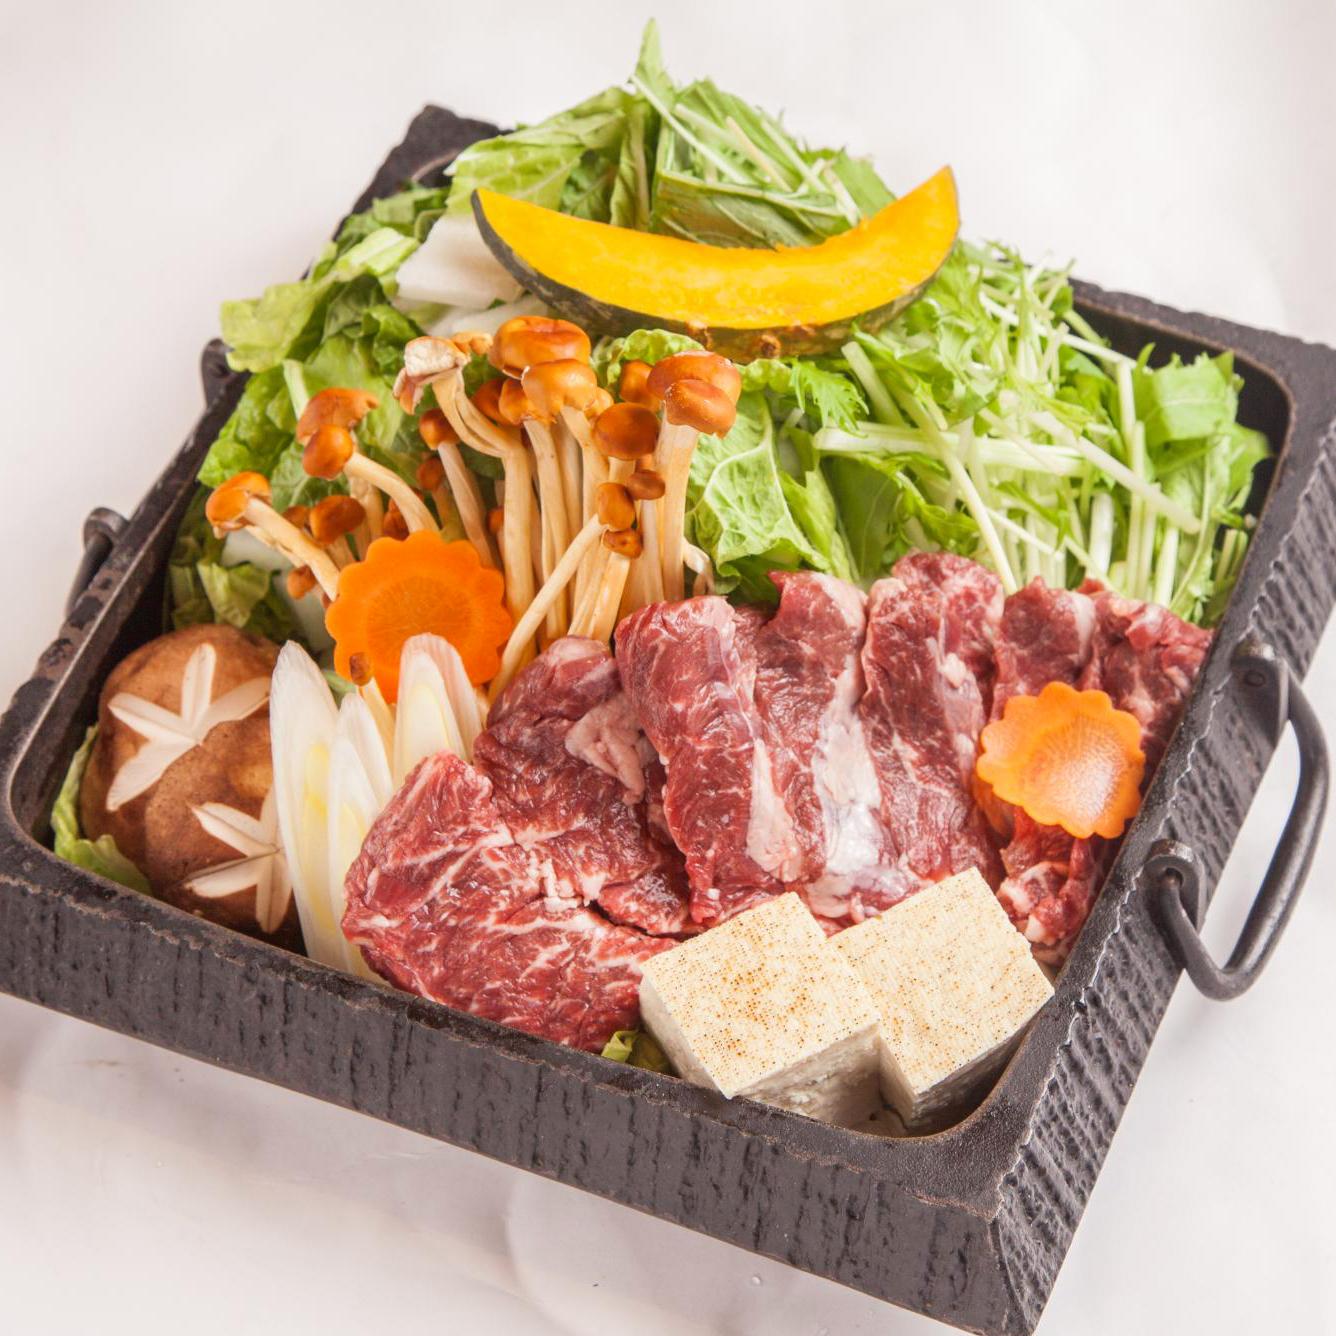 【燭台切光忠】 独眼竜のおもてなし 伊達者の格好良い特製牛ハラミすき鍋